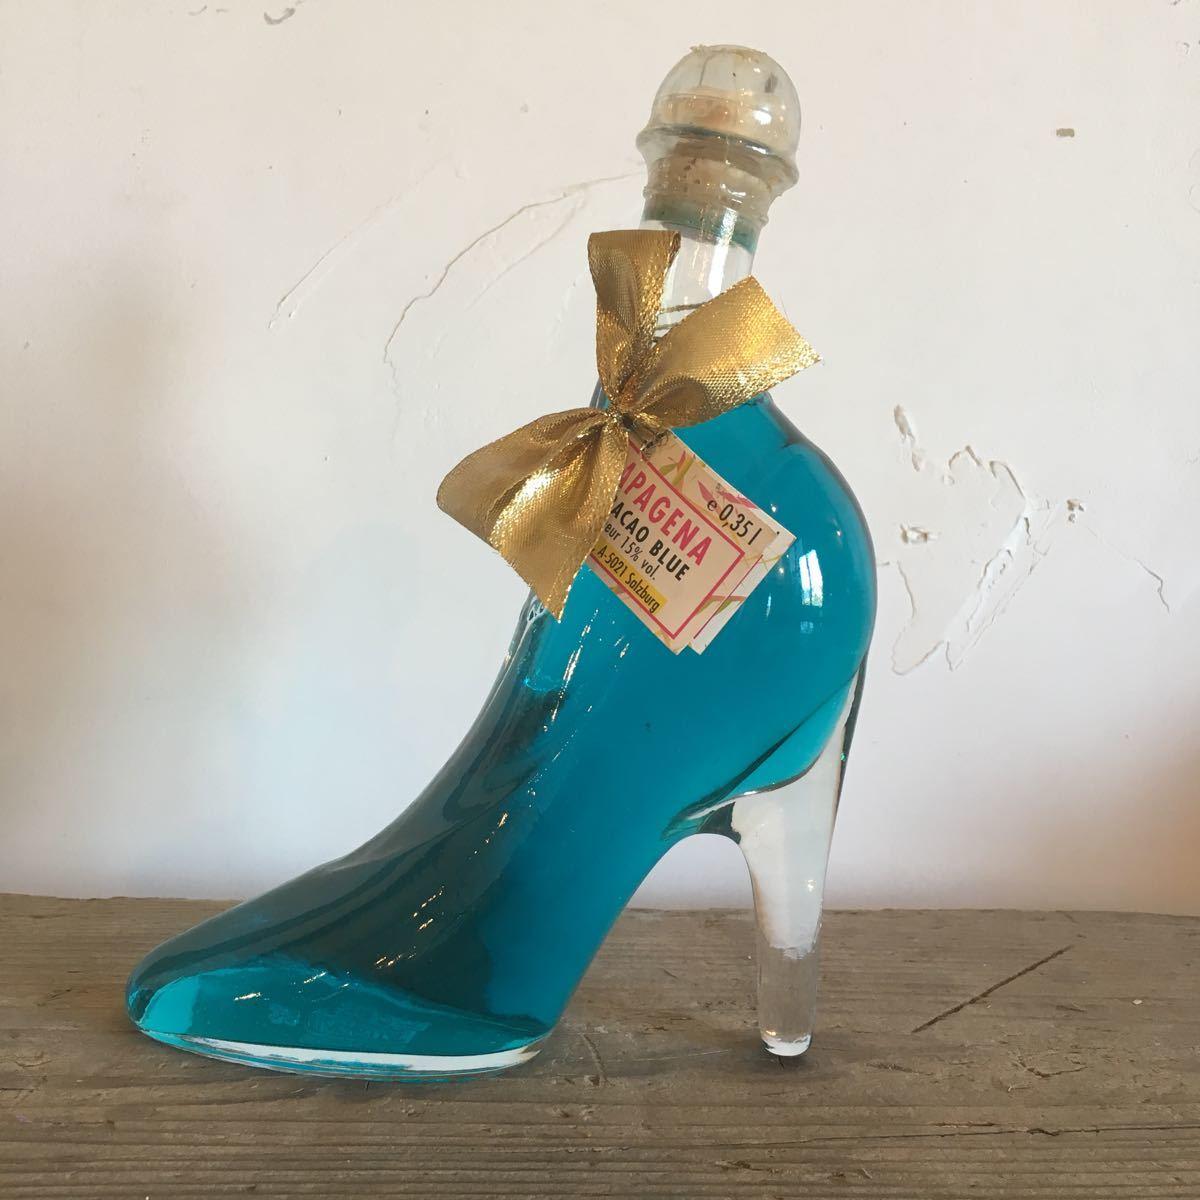 未開封 ブルーキュラソー リキュール 350ml PAPAGENA パパゲーナ オーストリア ガラス製 ピンヒール型 911w 古酒 オブジェ ハイヒール_画像1